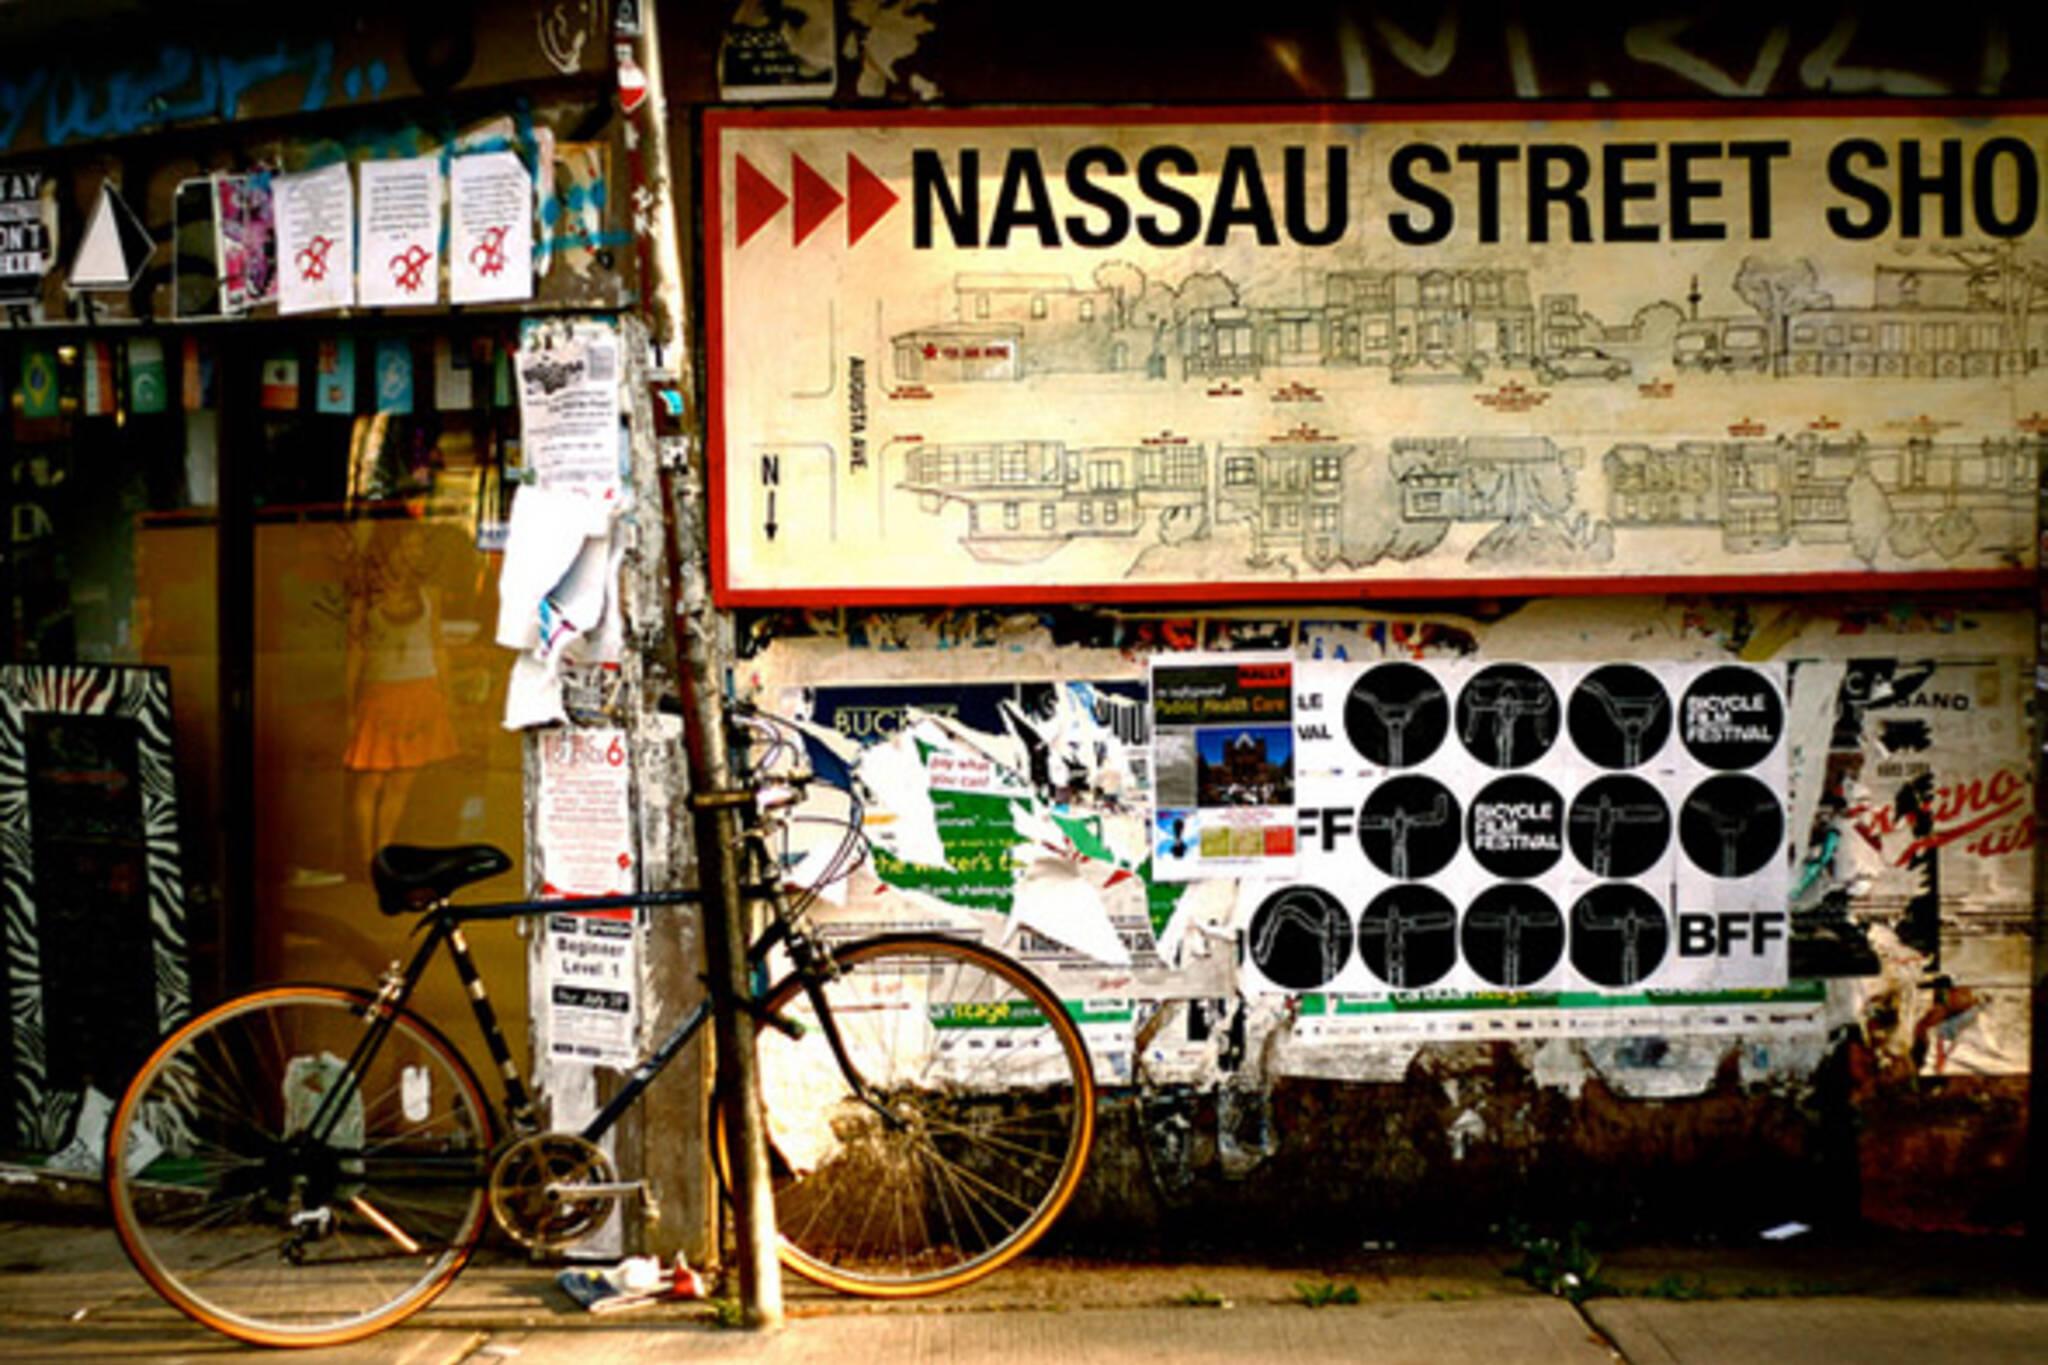 street, nassau, bike